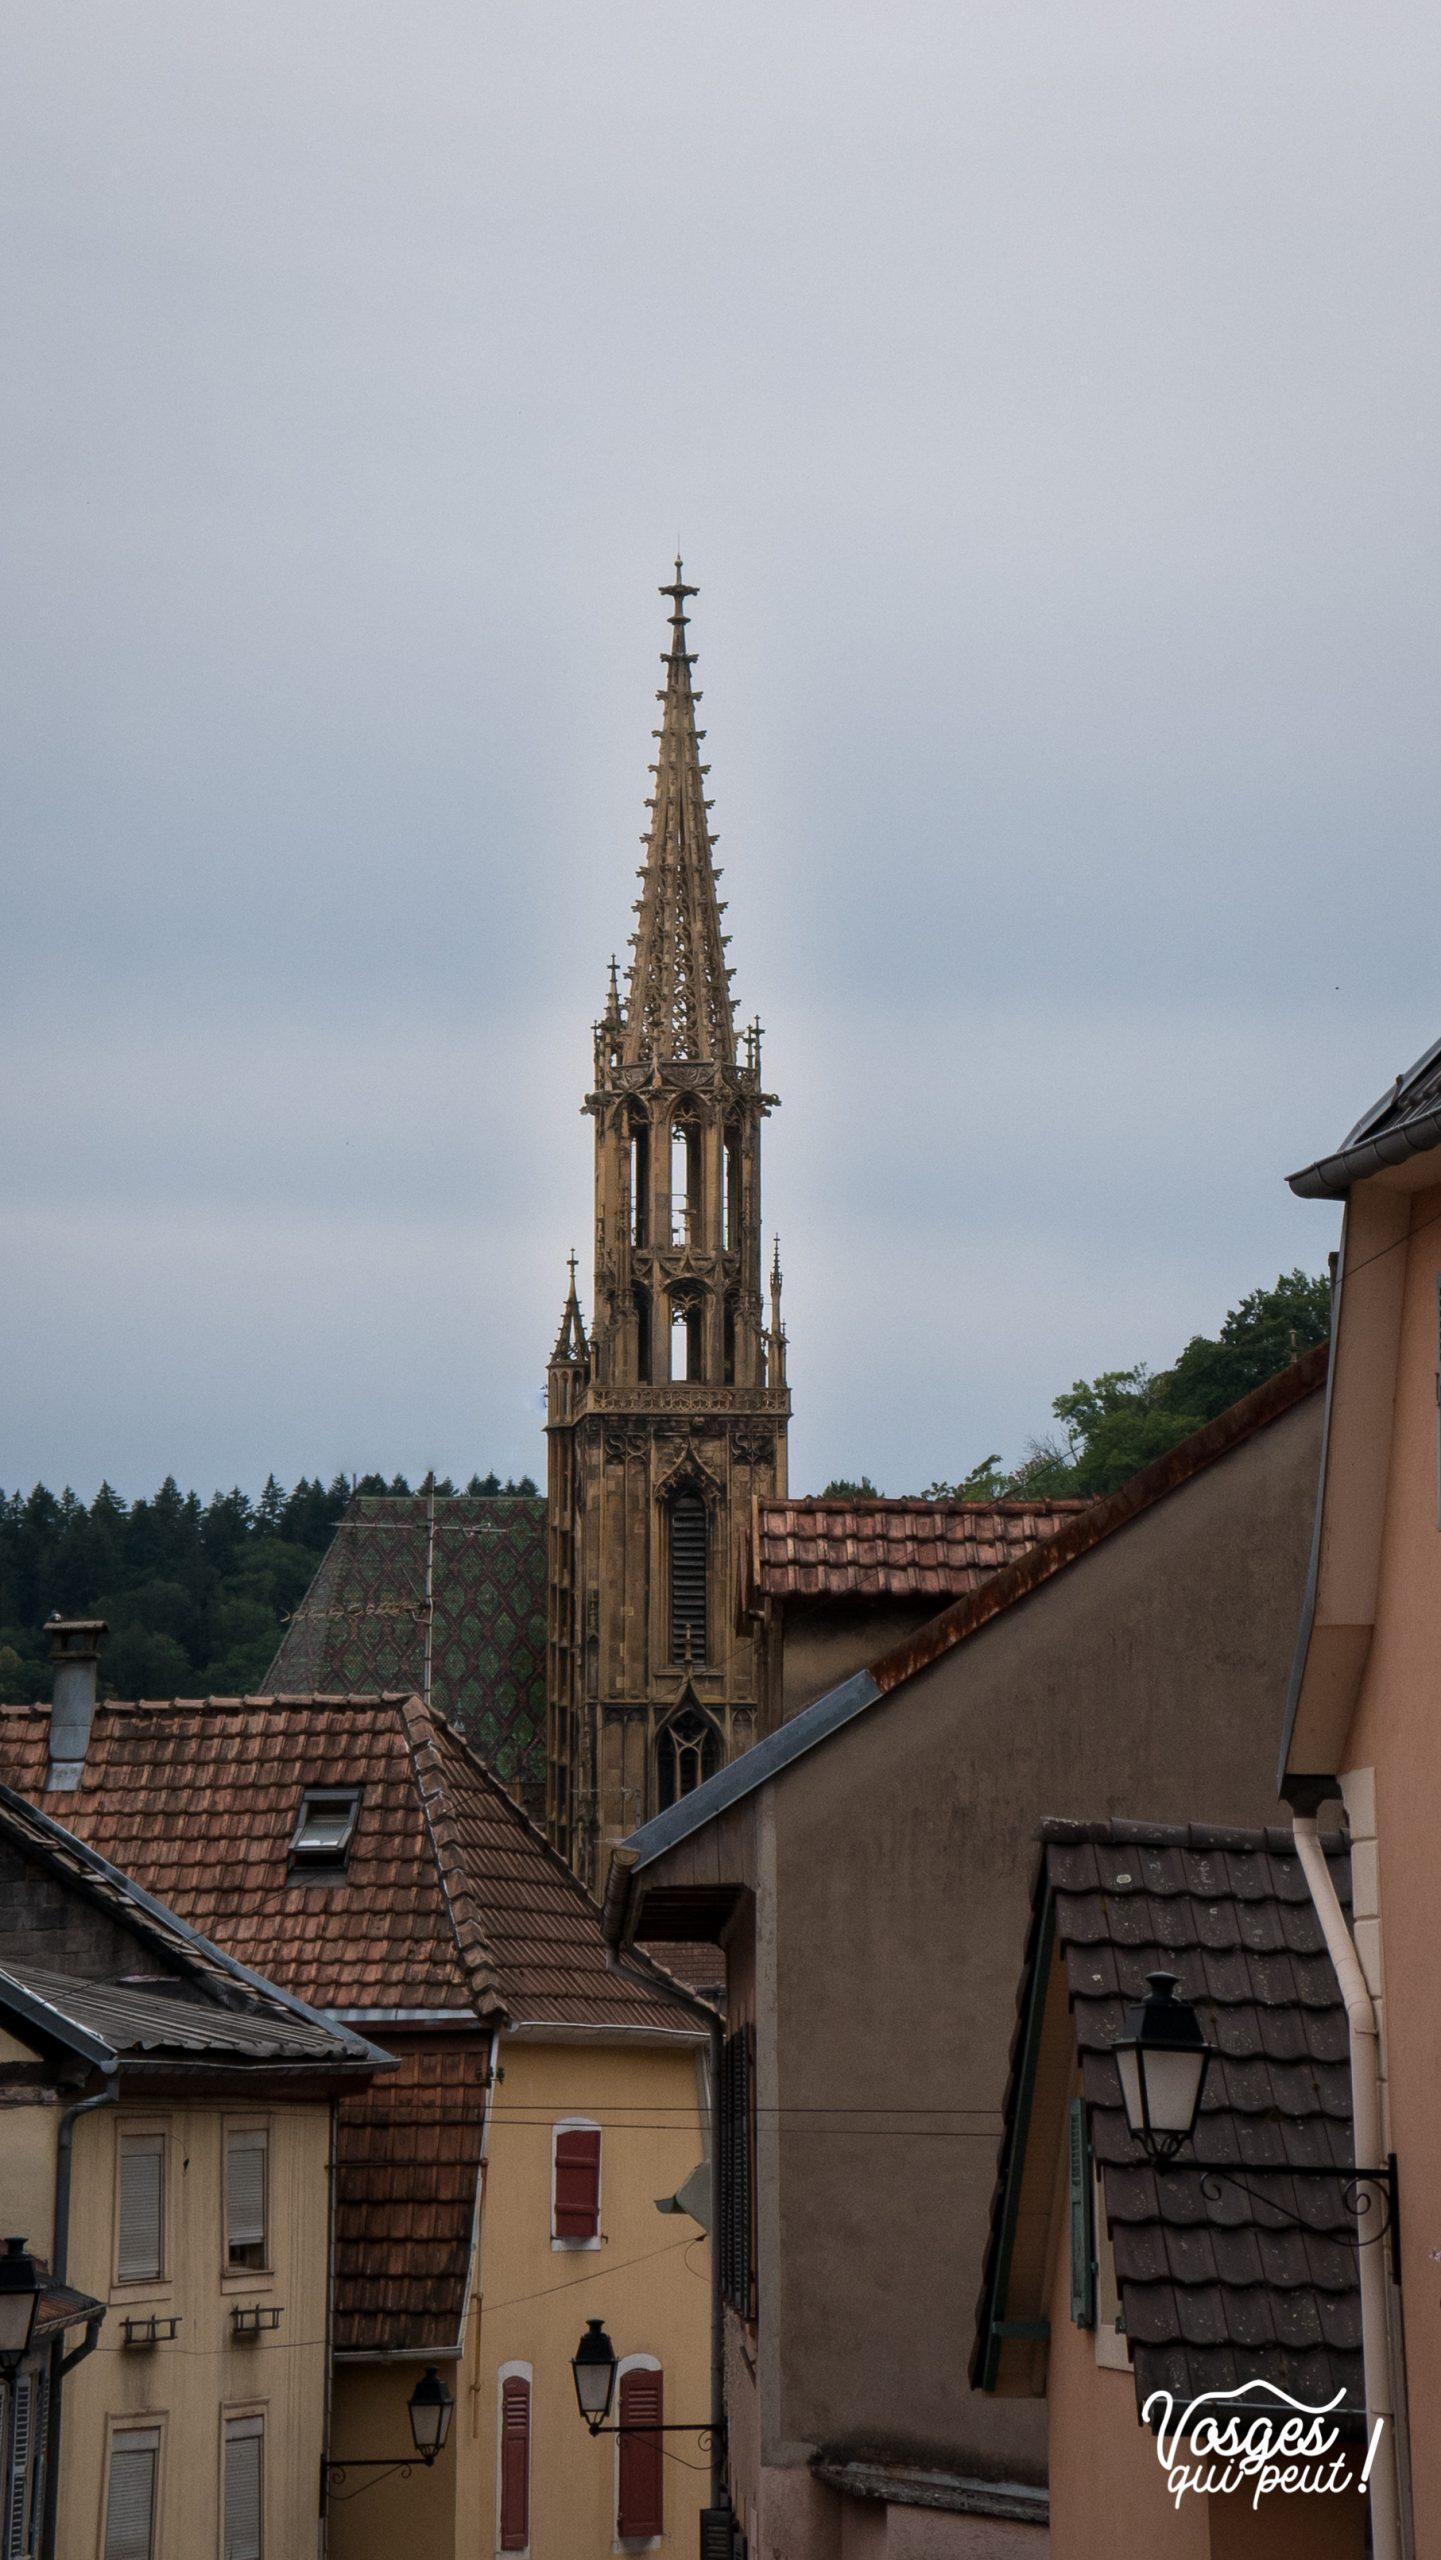 Clocher de la collégiale St-Thiébaut à Thann en Alsace